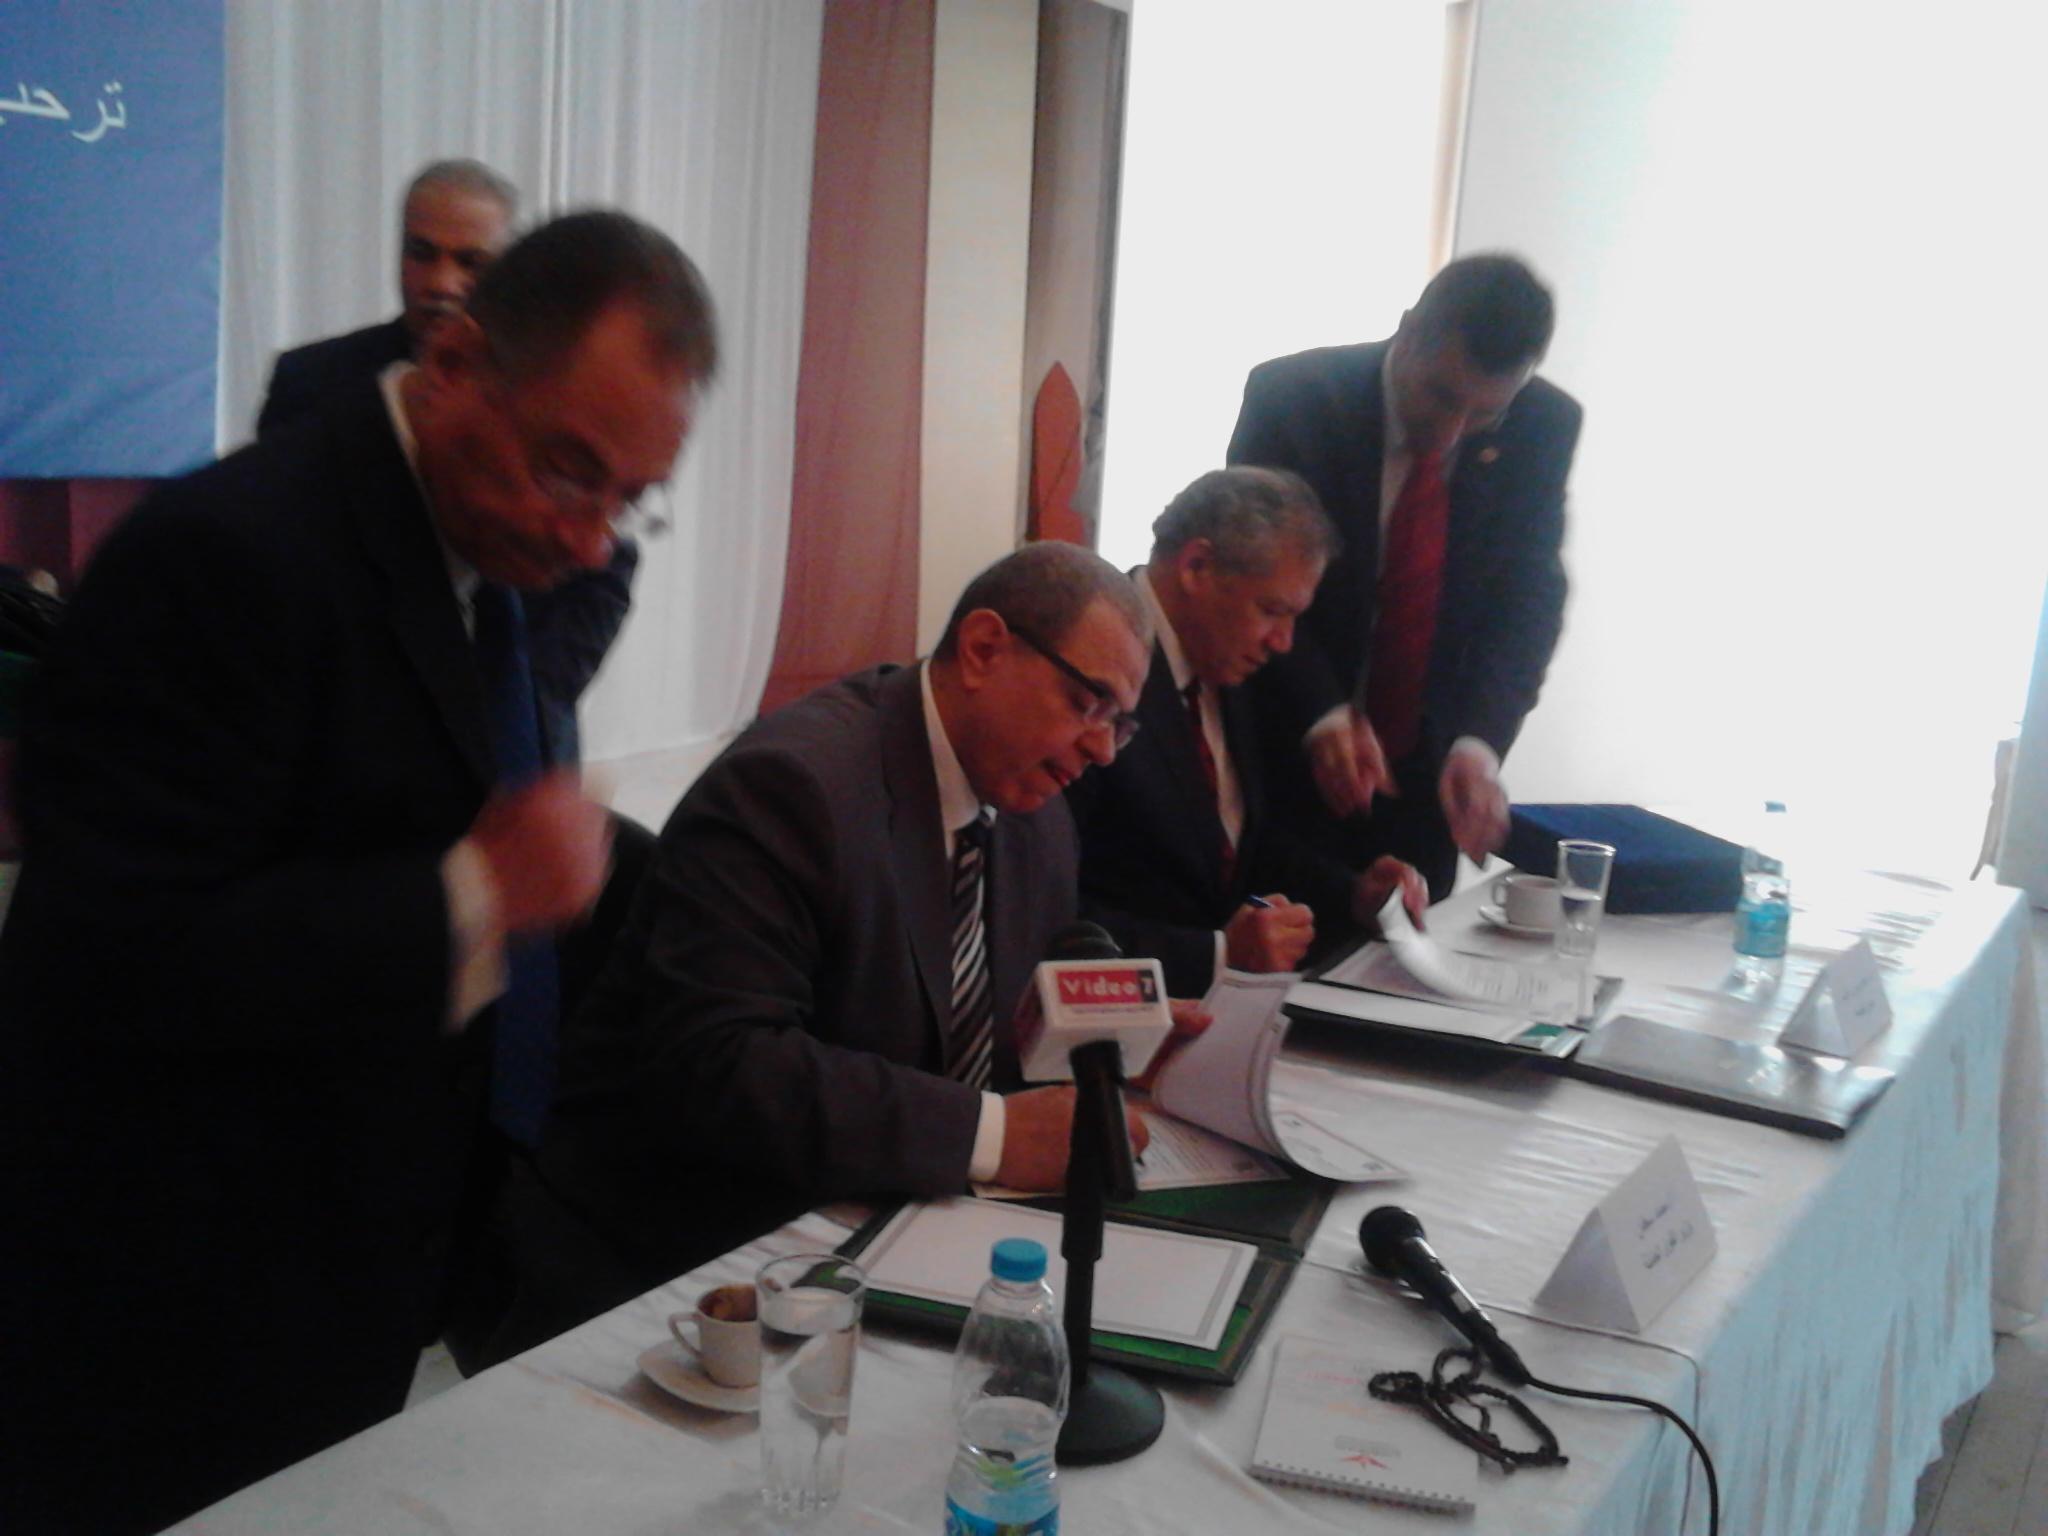 توقيع بروتوكولى تعاون بين القوى العاملة وجامعة هوليوبوليس  (5)